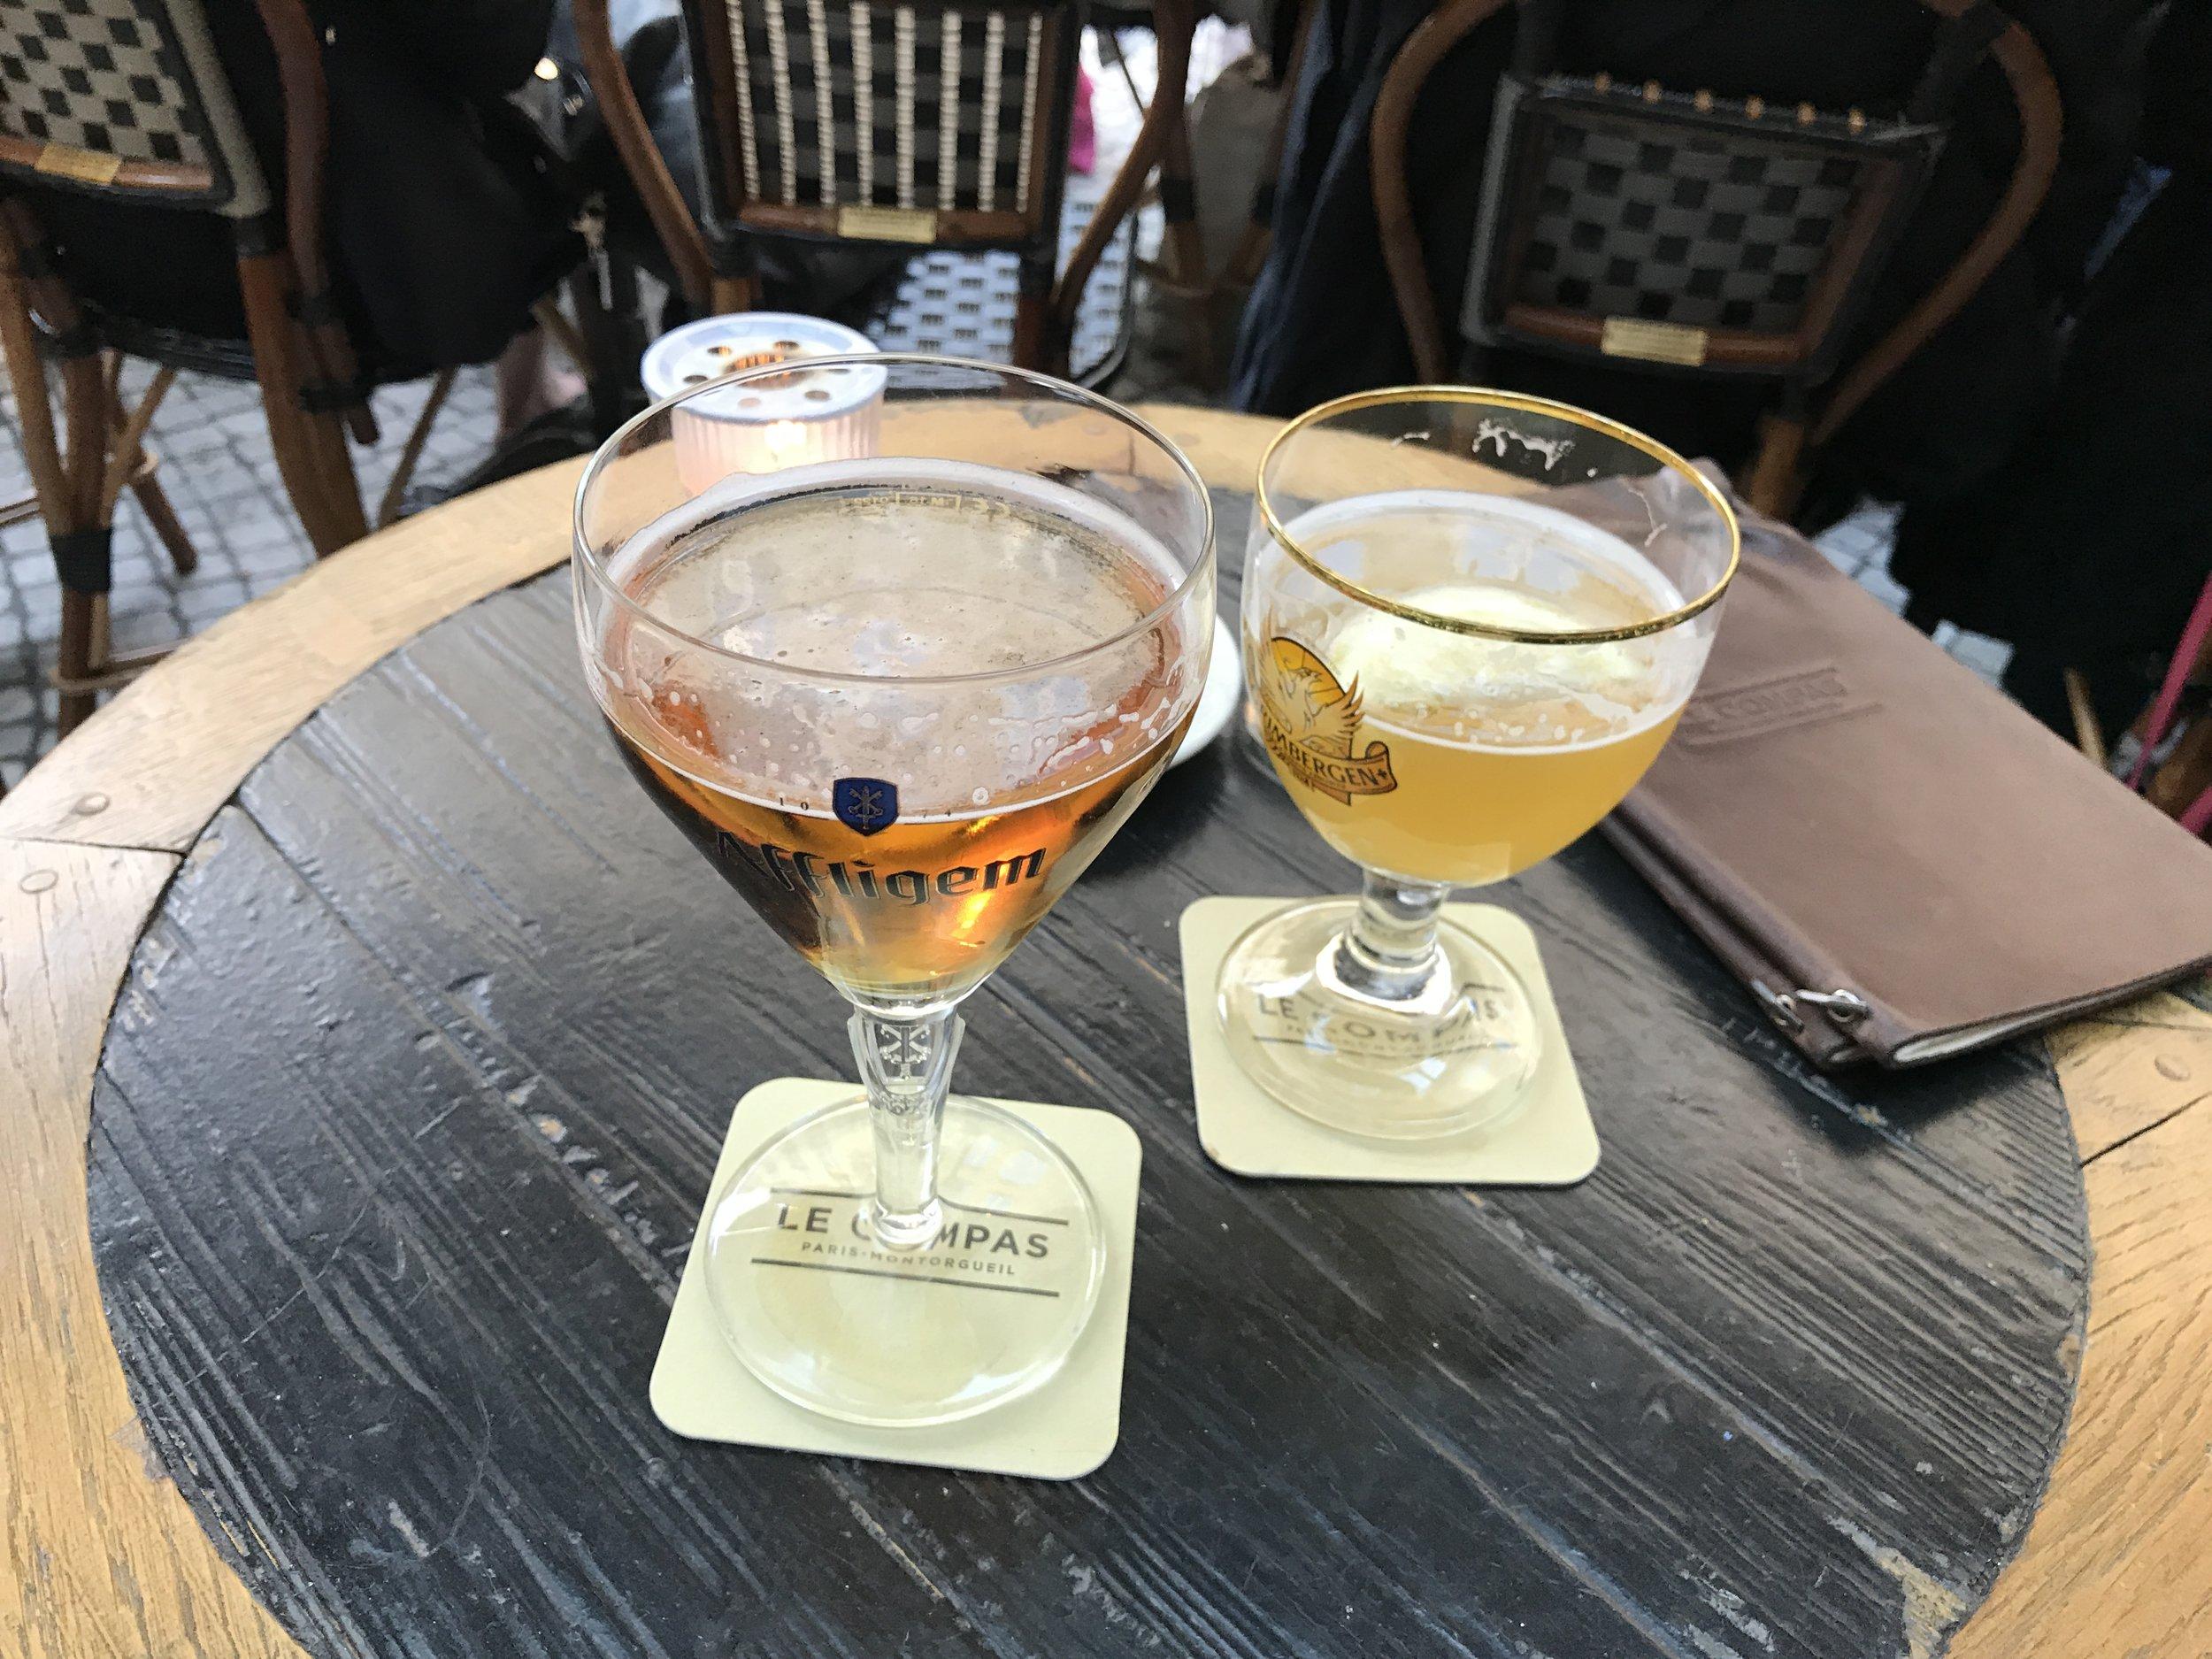 beers- both tasty!